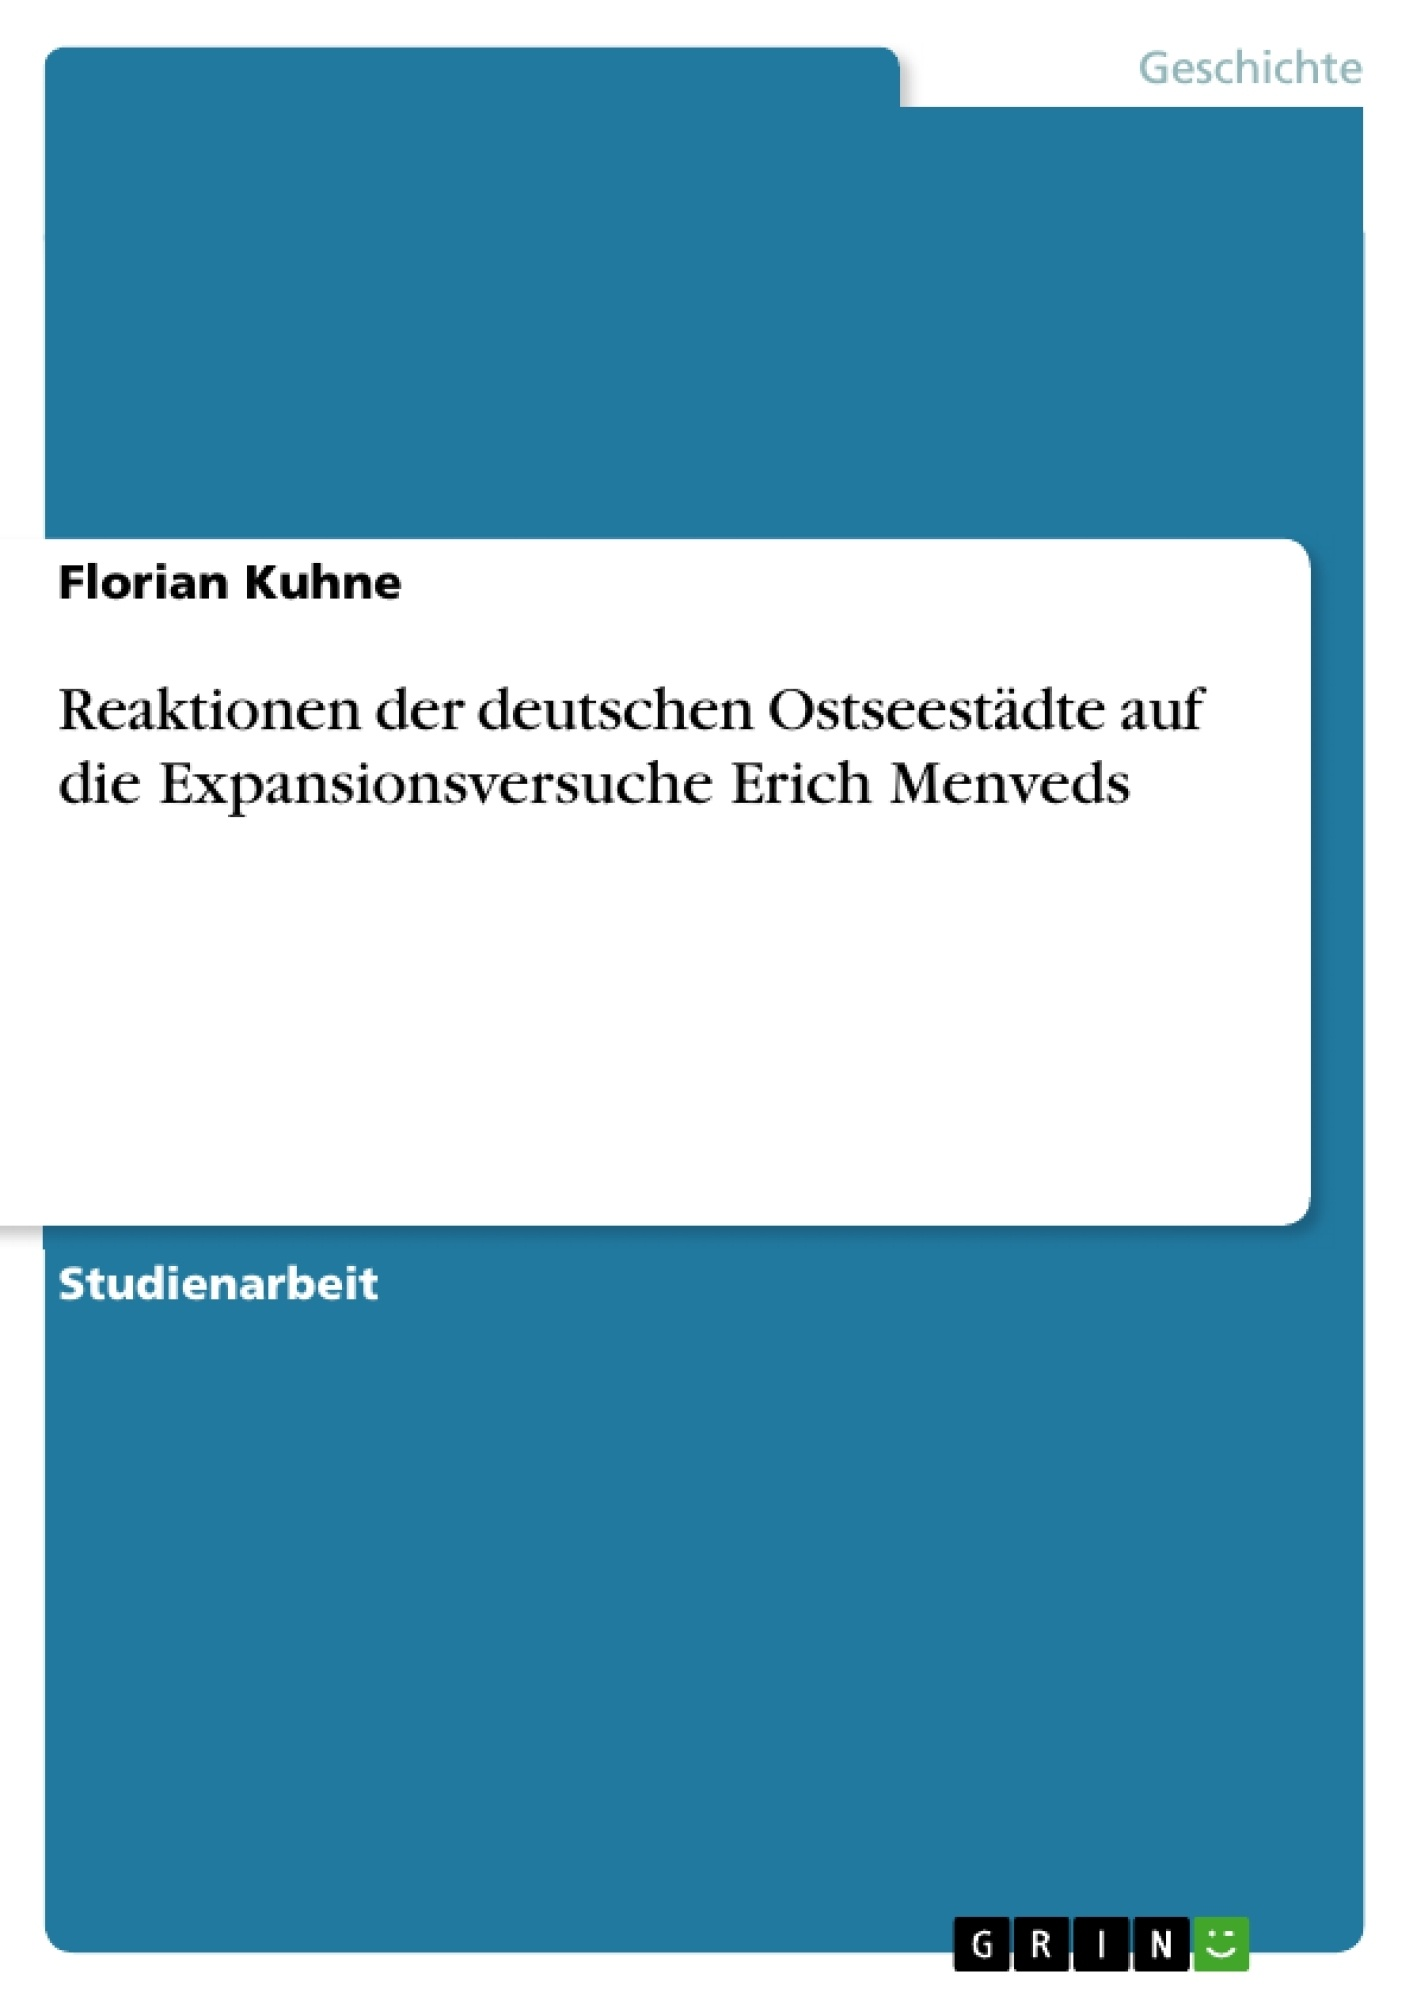 Titel: Reaktionen der deutschen Ostseestädte auf die Expansionsversuche Erich Menveds